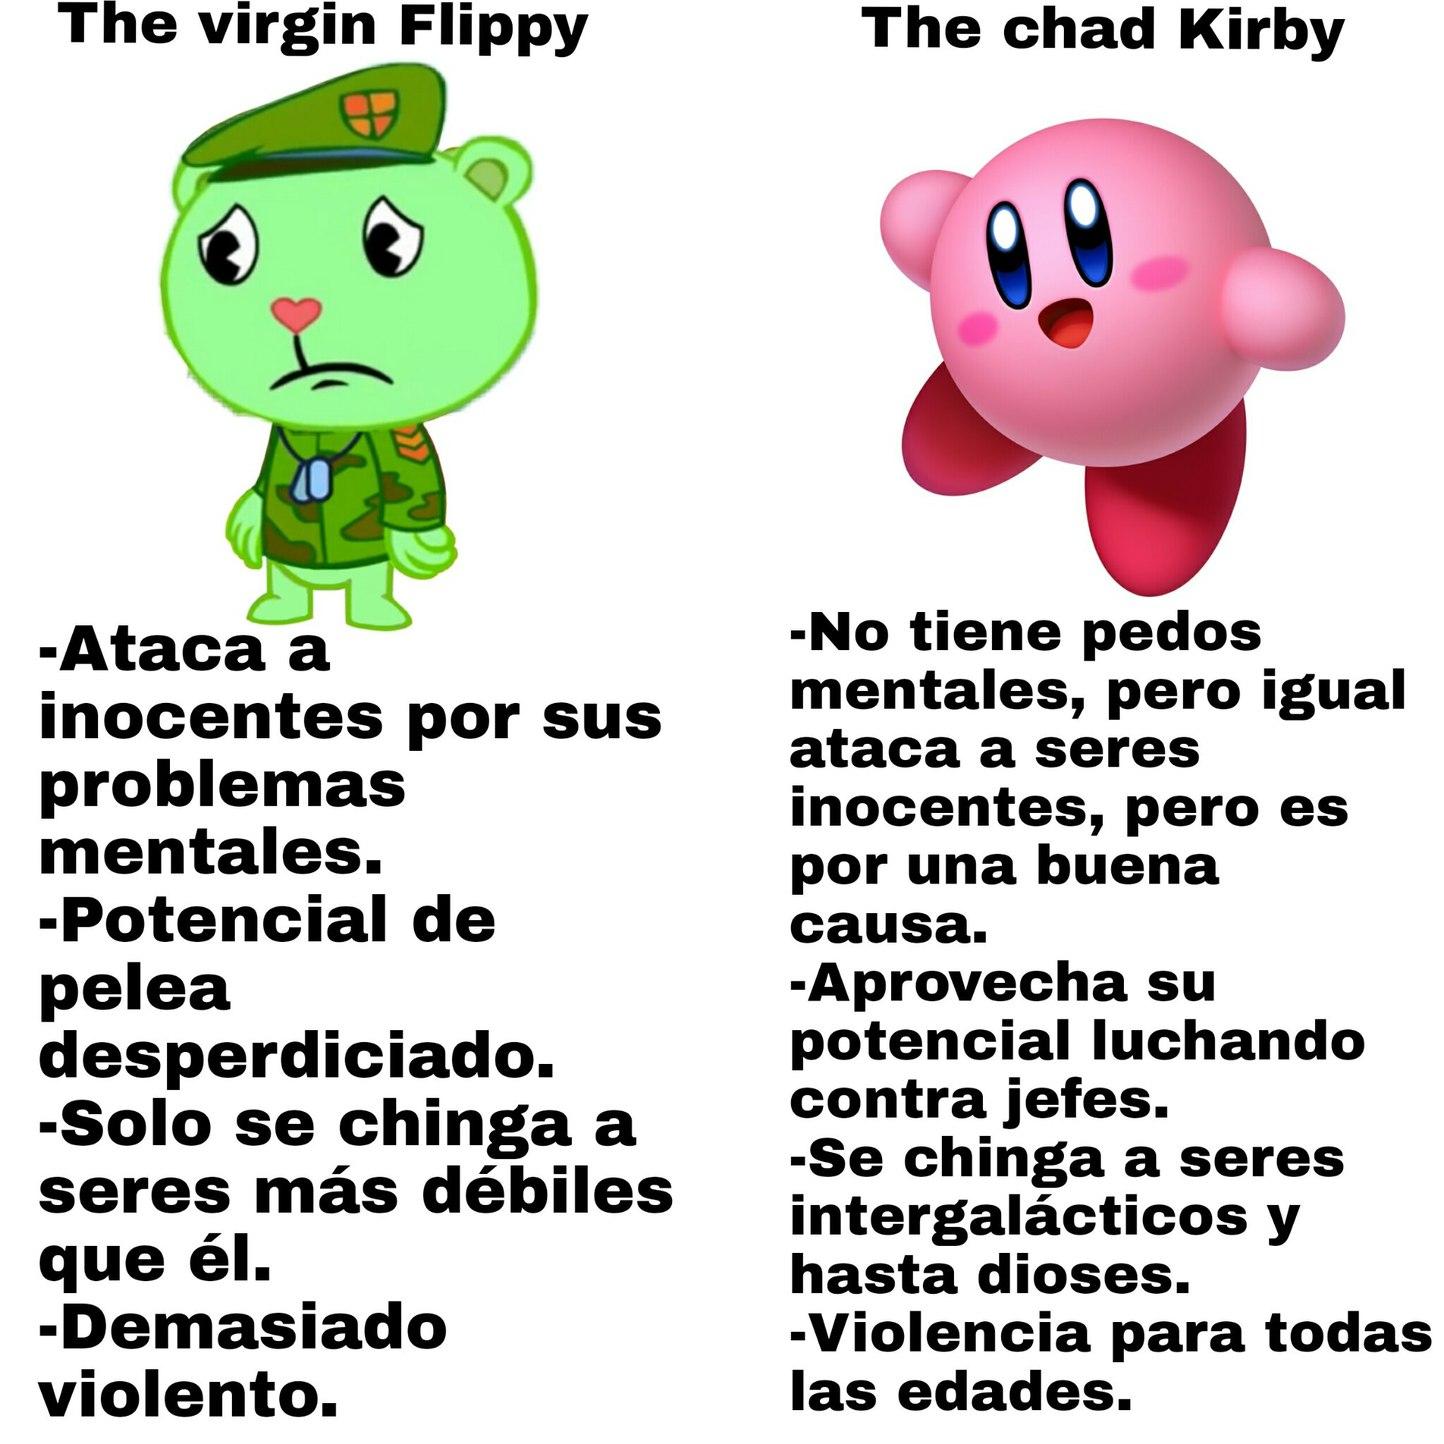 Chupate esa Flippy - meme